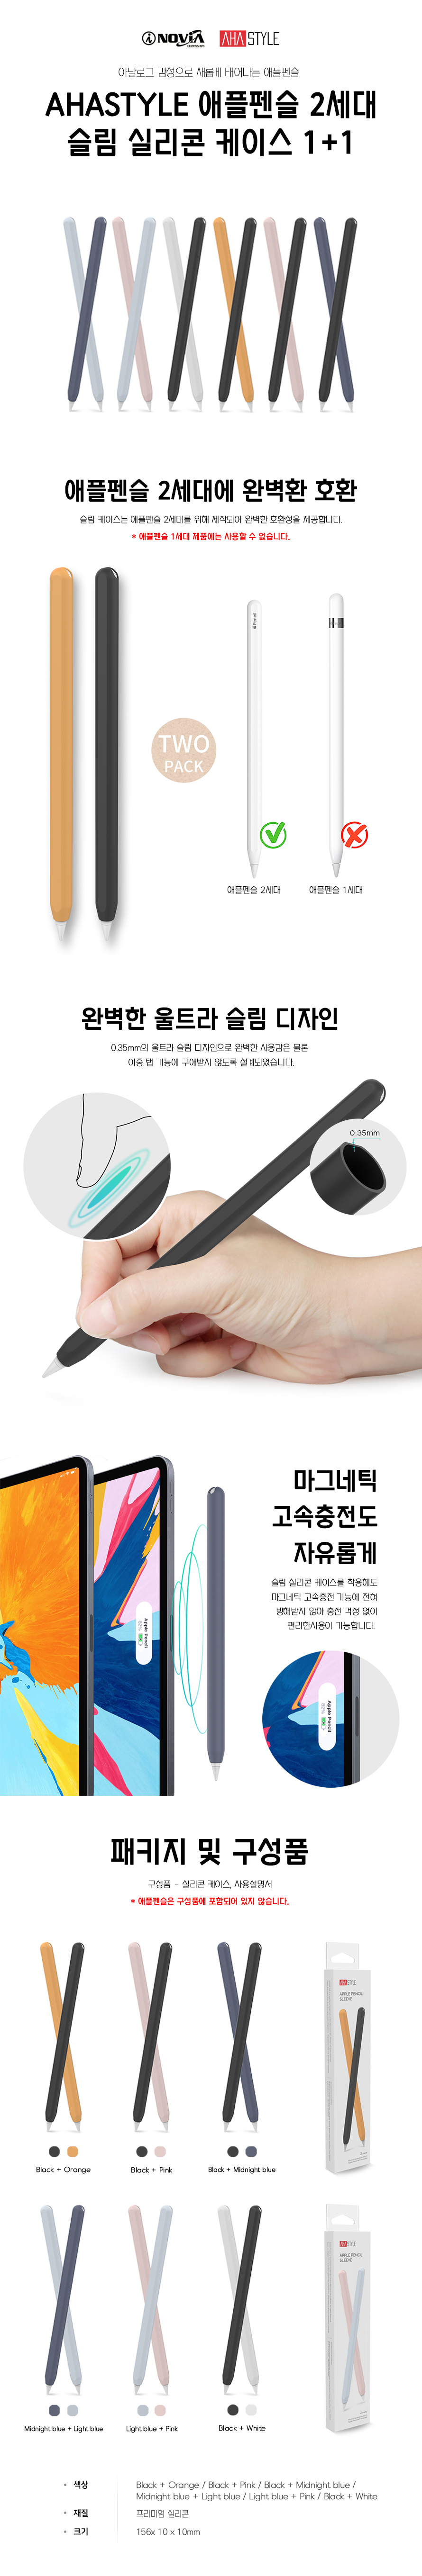 아이노비아 AHASTYLE 애플 펜슬 2세대 슬림 실리콘 케이스 1+1